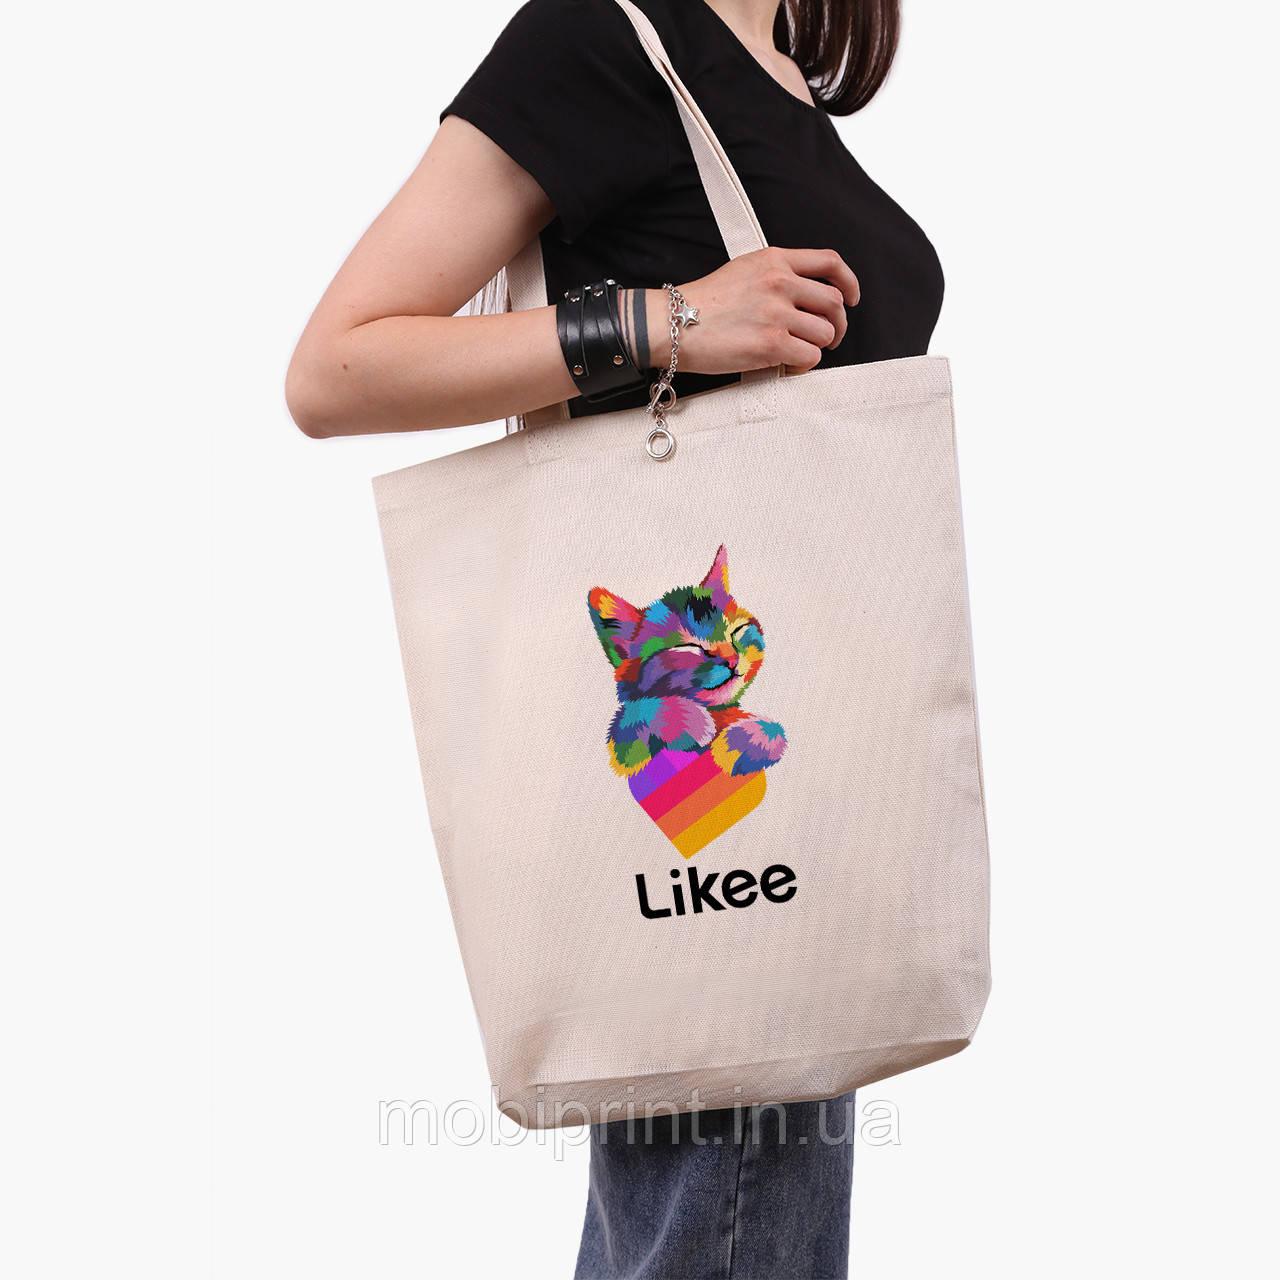 Эко сумка шоппер белая Лайк (Likee) (9227-1040-1)  экосумка шопер 41*39*8 см